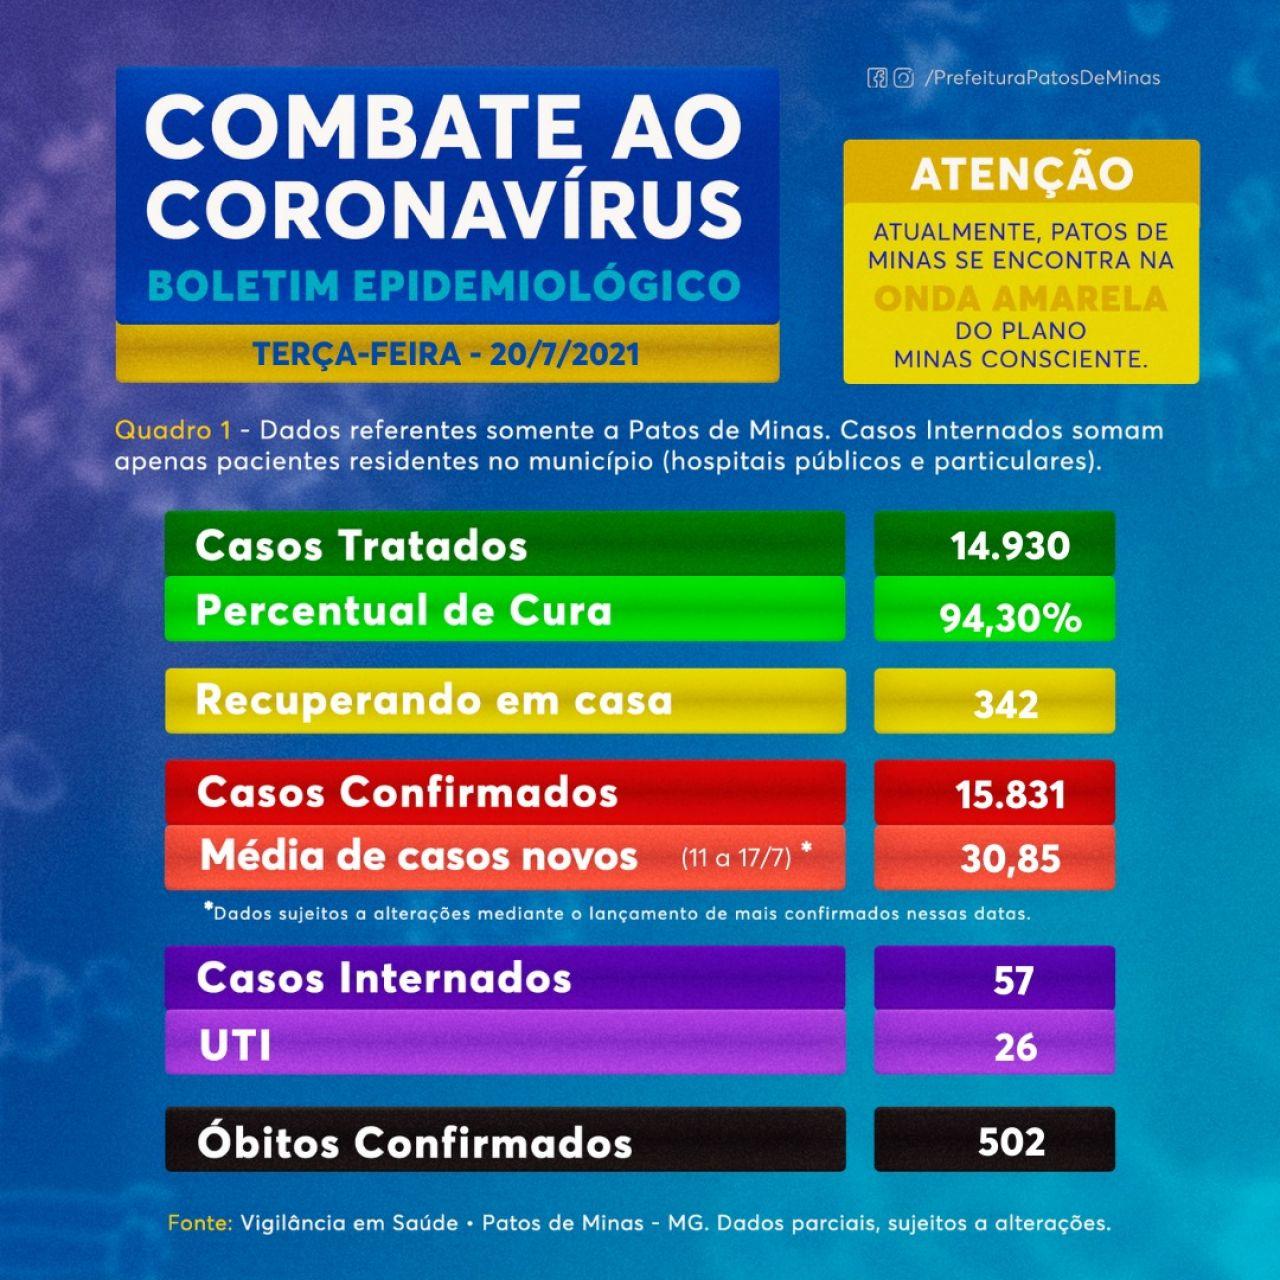 Covid-19: boletim informa 57 novos casos; não houve óbitos confirmados